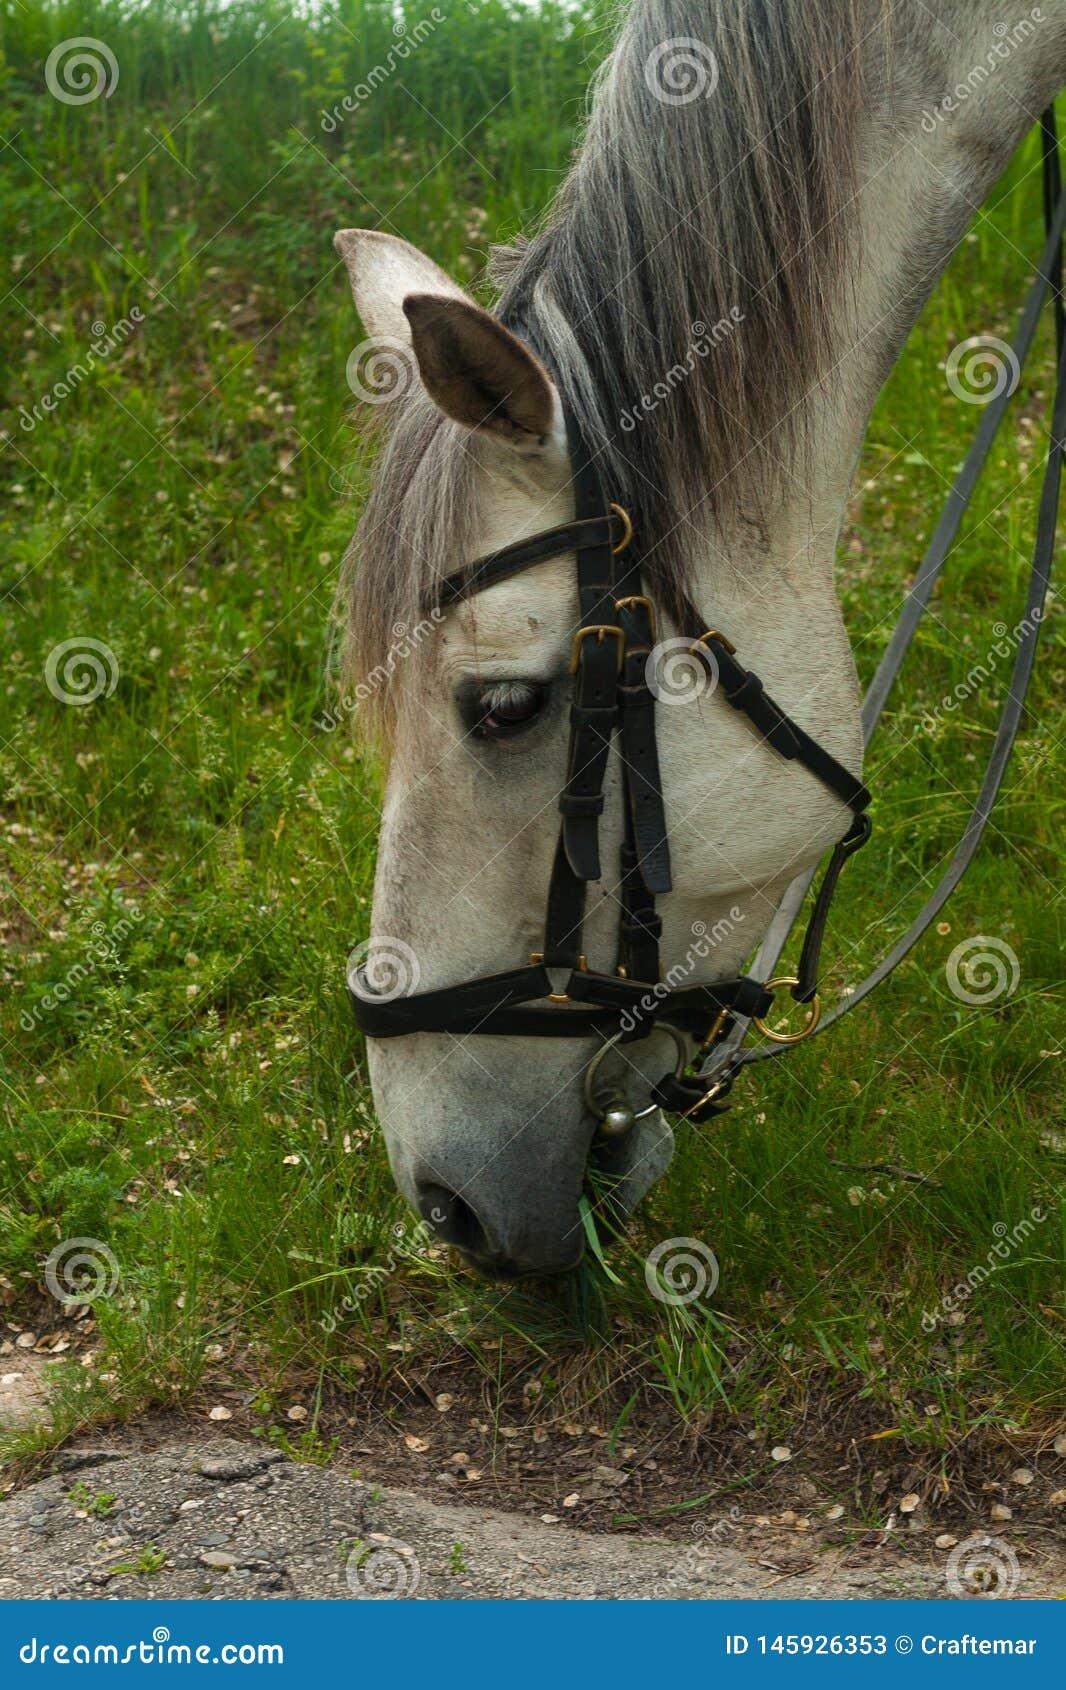 Άσπρο άλογο η άσπρη γκρίζα βοσκή αλόγων στην πράσινη χλόη στο δάσος, άλογο εκμεταλλεύτηκε στο λουρί δέρματος, στενό επάνω πορτρέτ